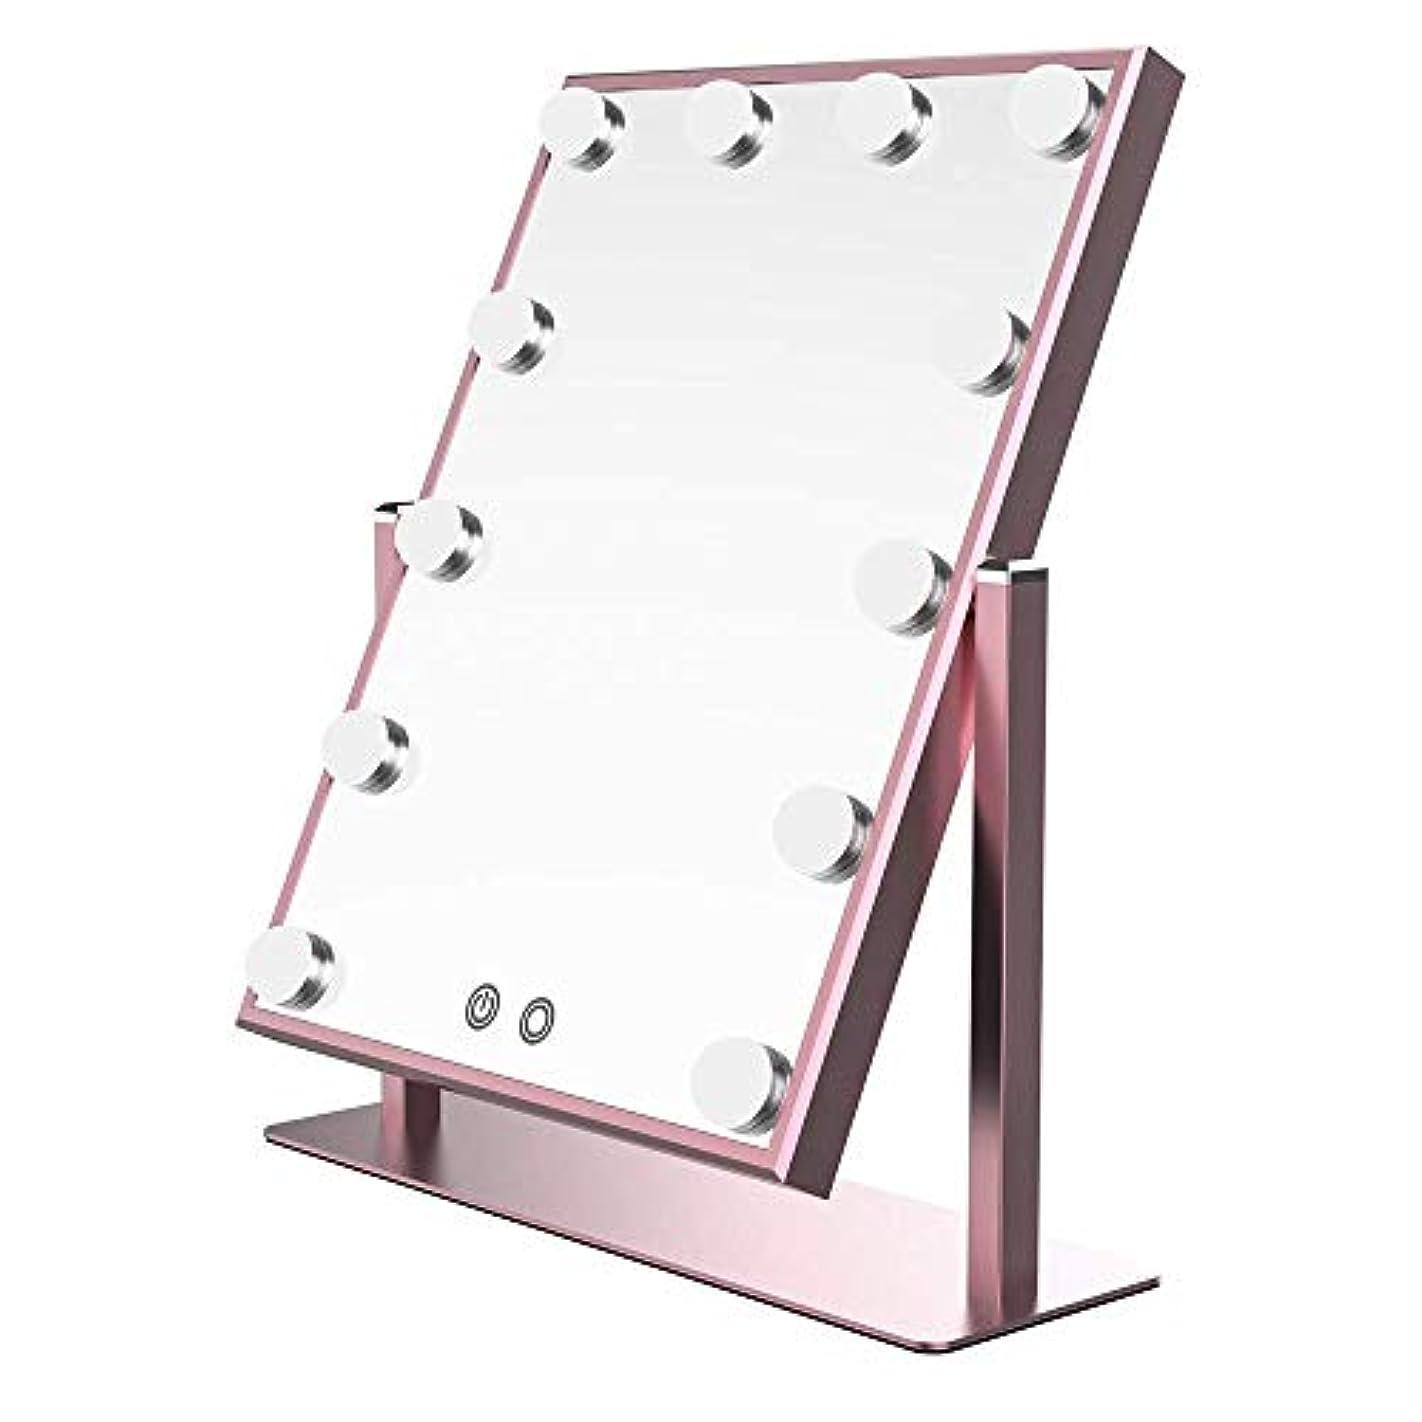 無効にするマガジンどこWonstart 化粧鏡 女優ミラー 12個led電球付 2つの色温度 明るさ調整可 ハリウッドミラー 卓上鏡 ledミラー (ピンク)